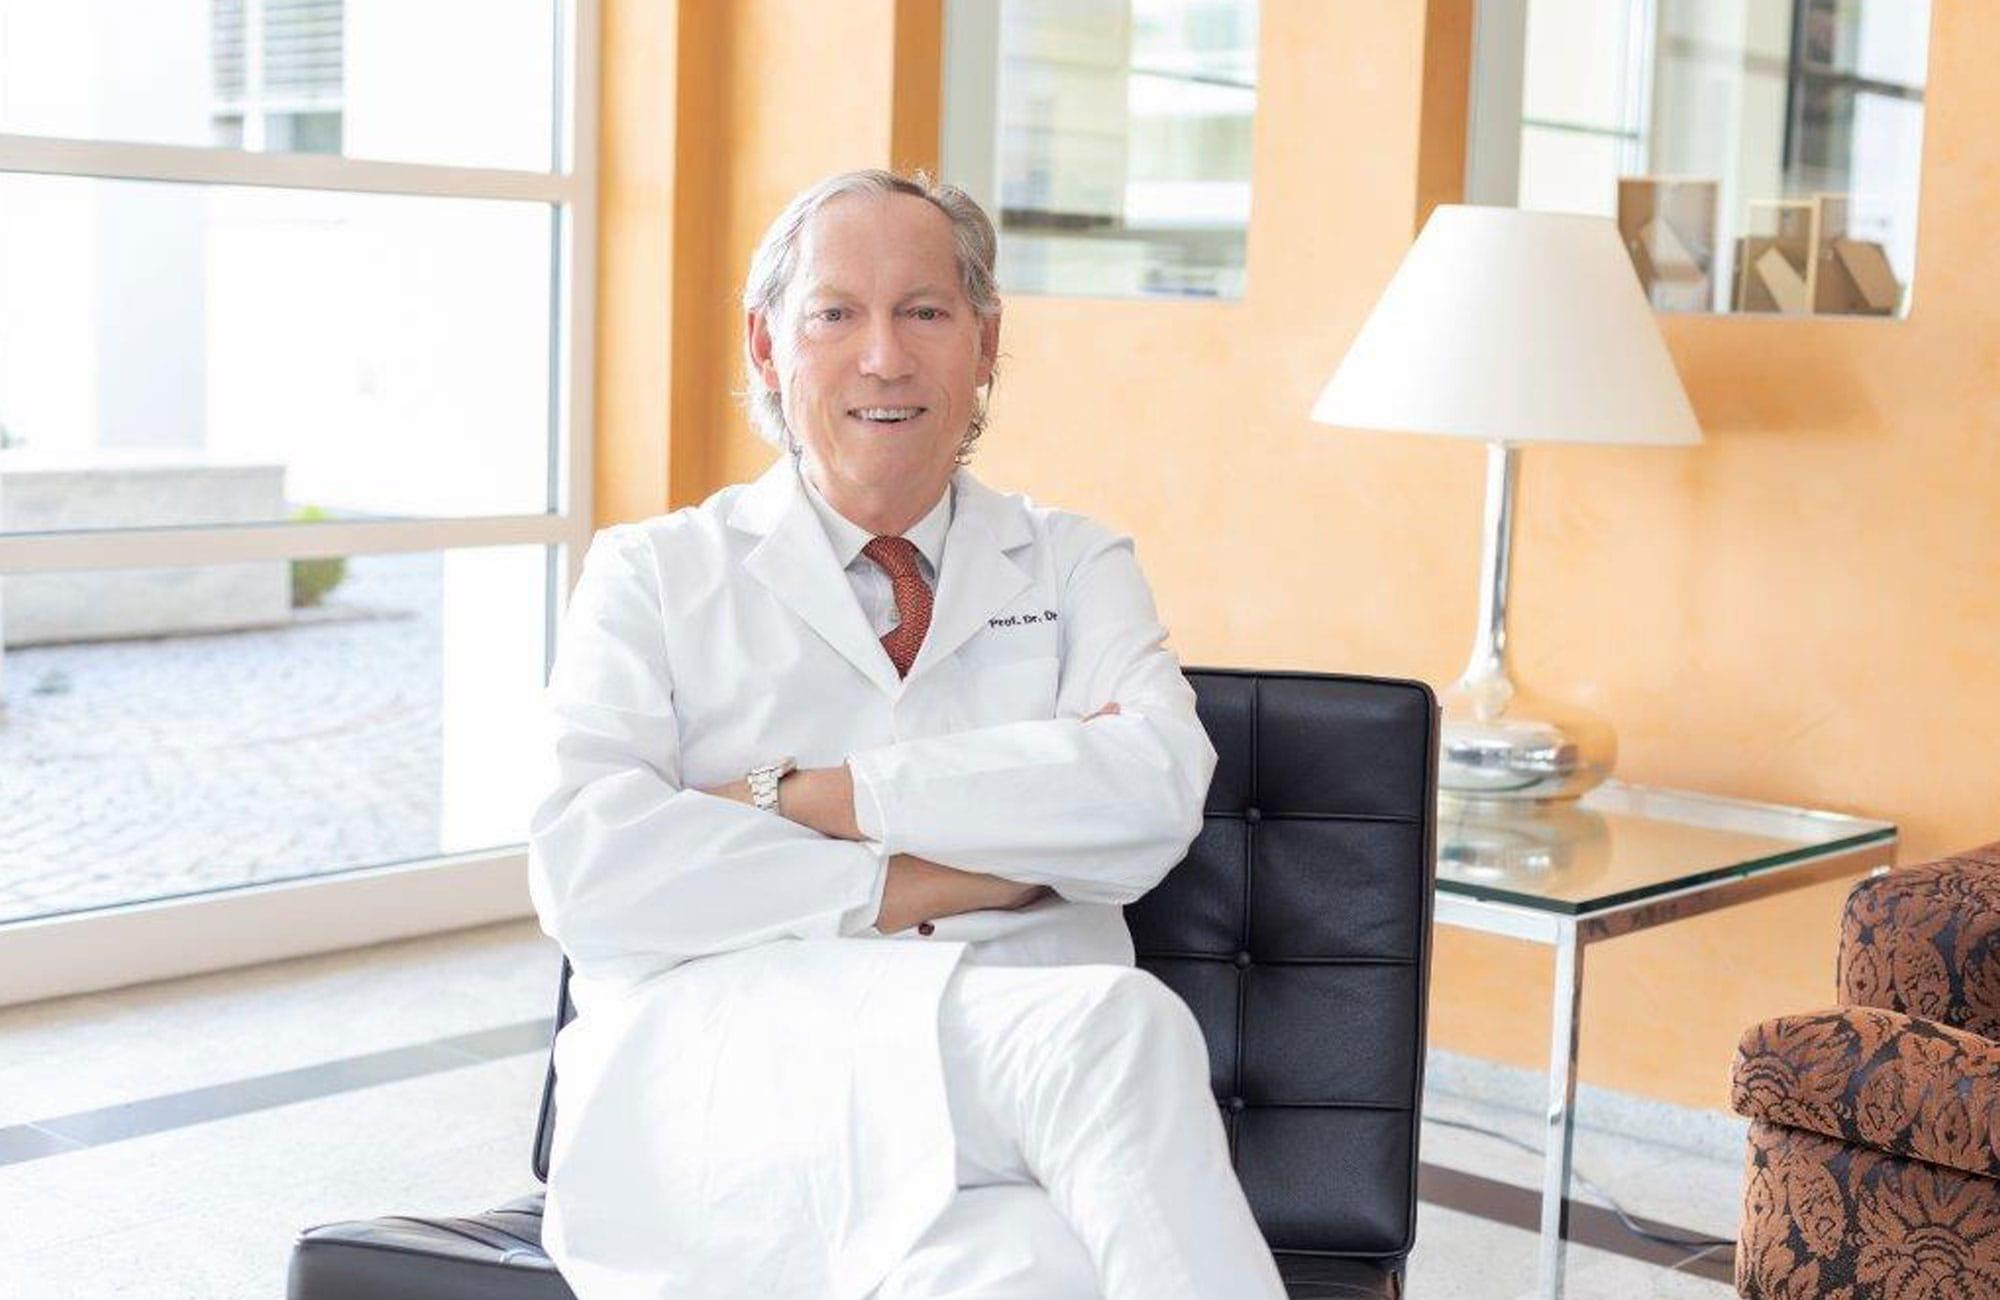 Der Chirurg als Ästhet?